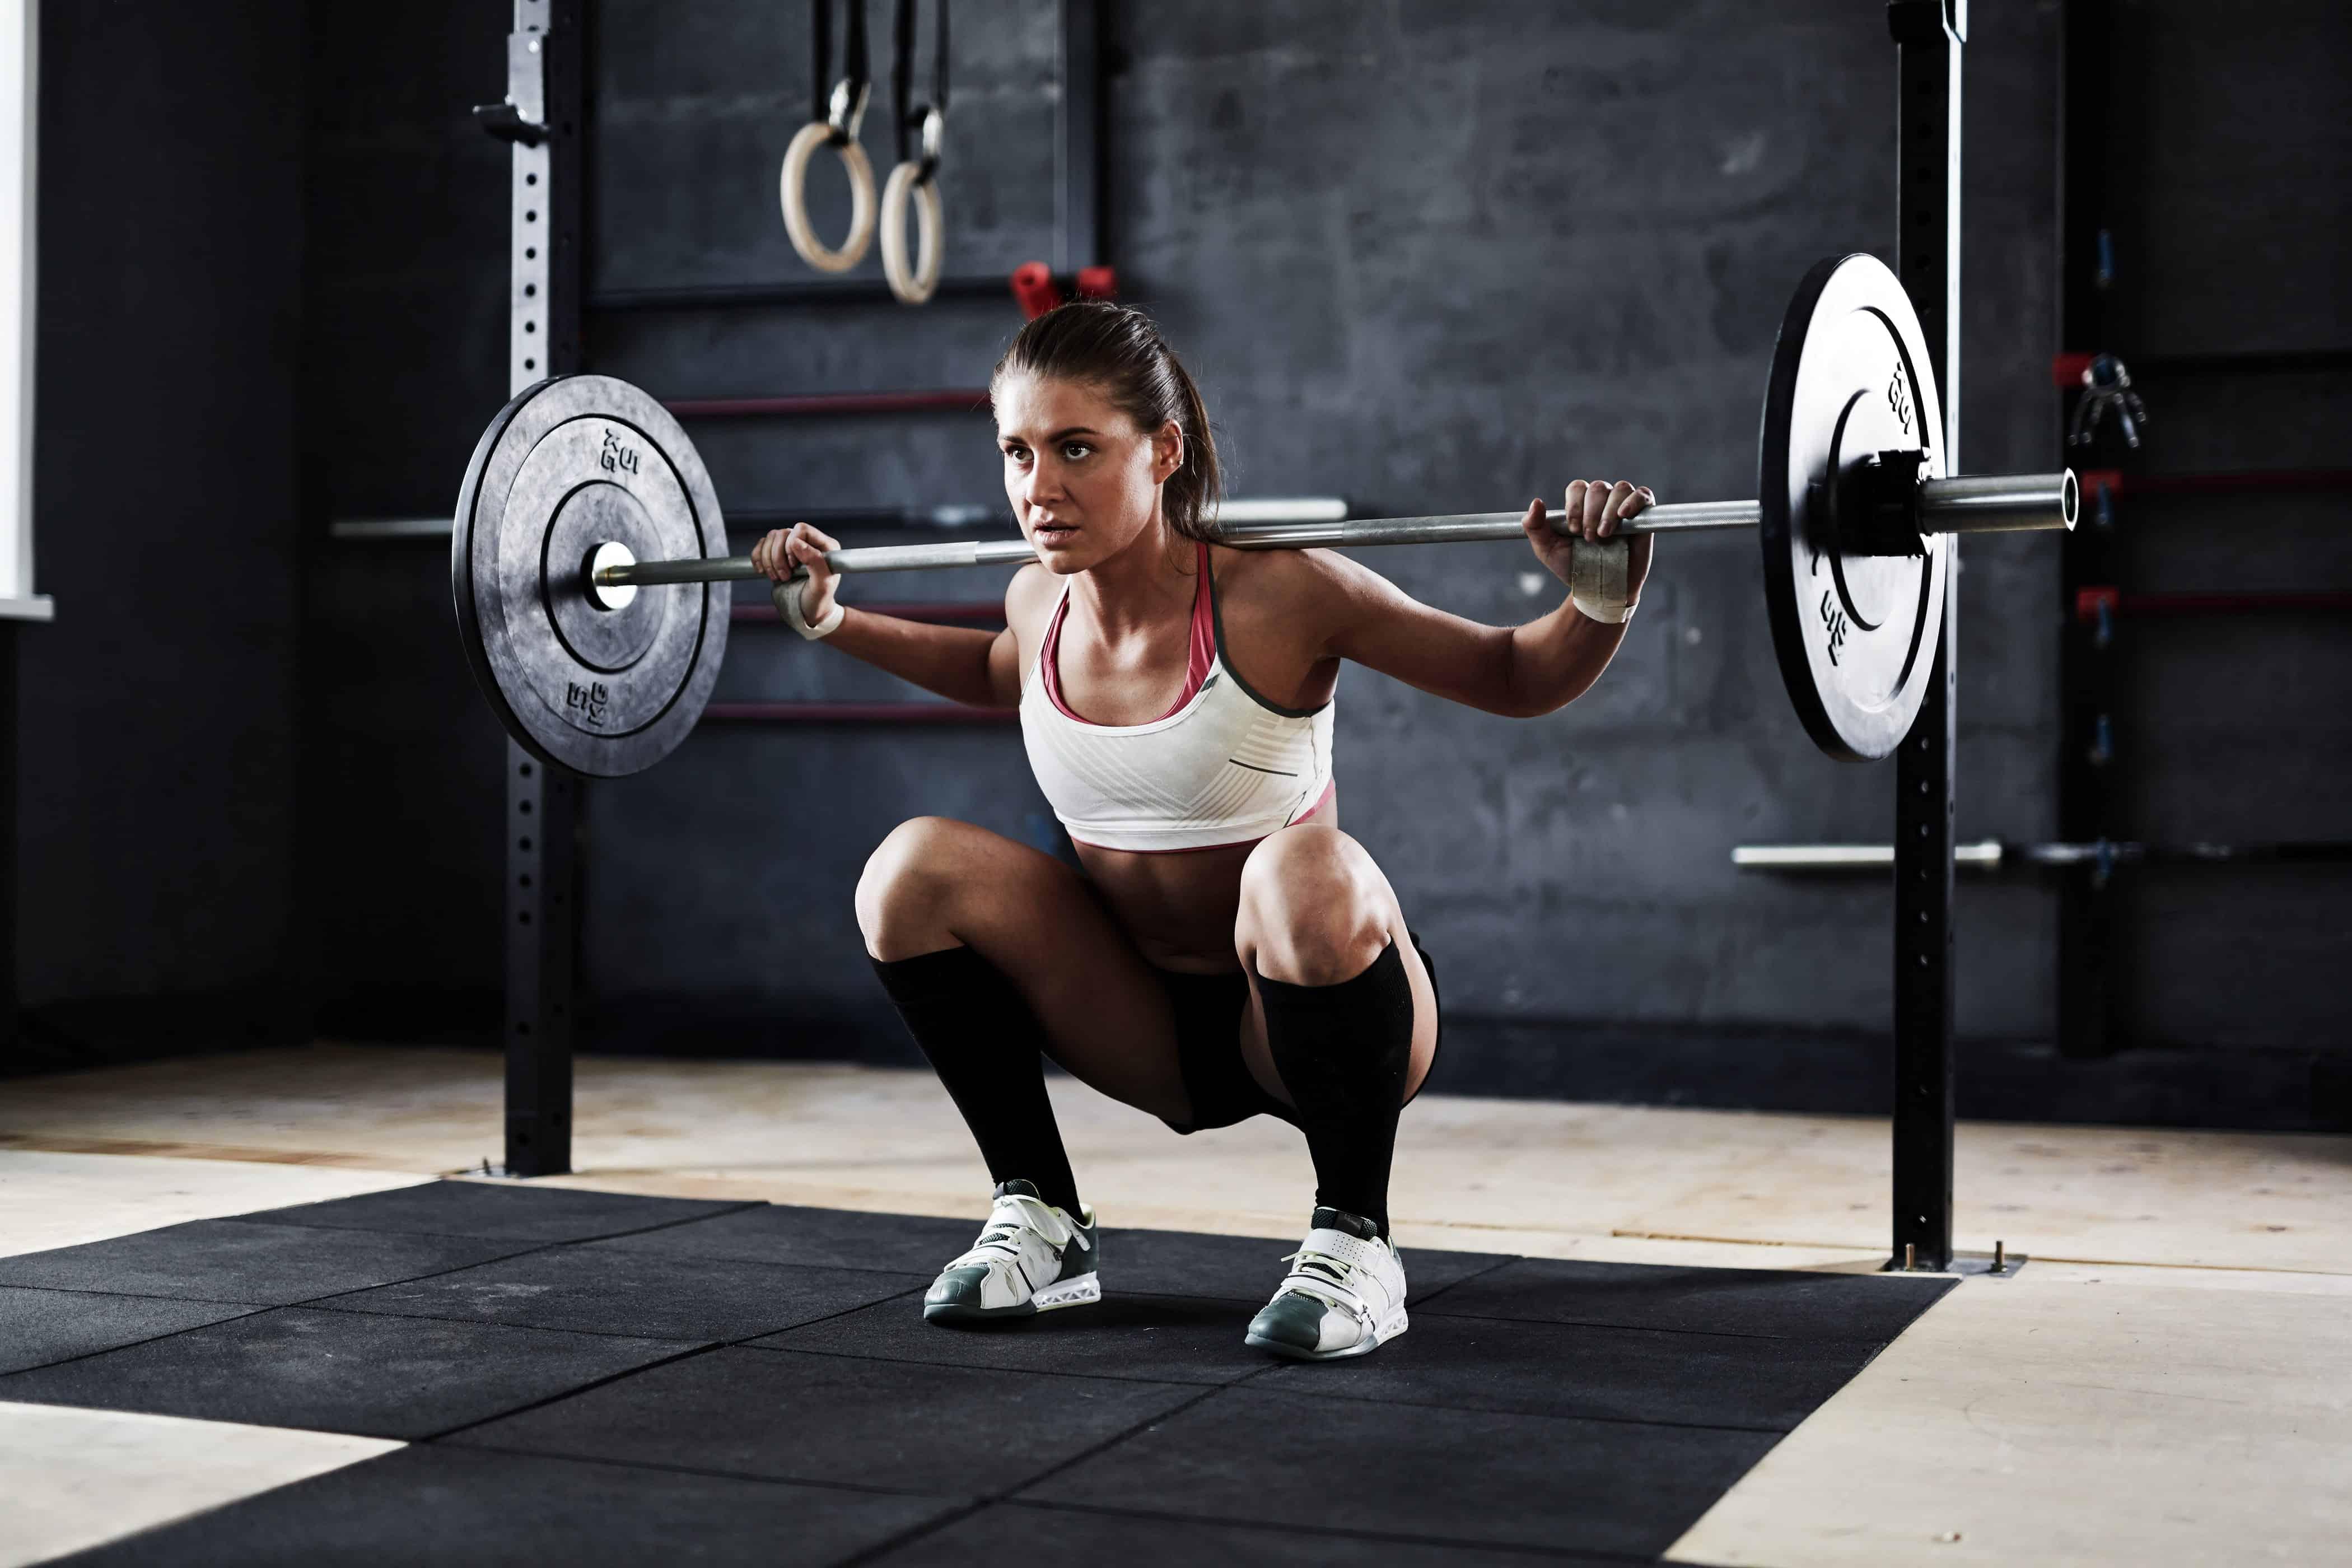 Mes 3 conseils si vous faites du sport pour perdre du poids